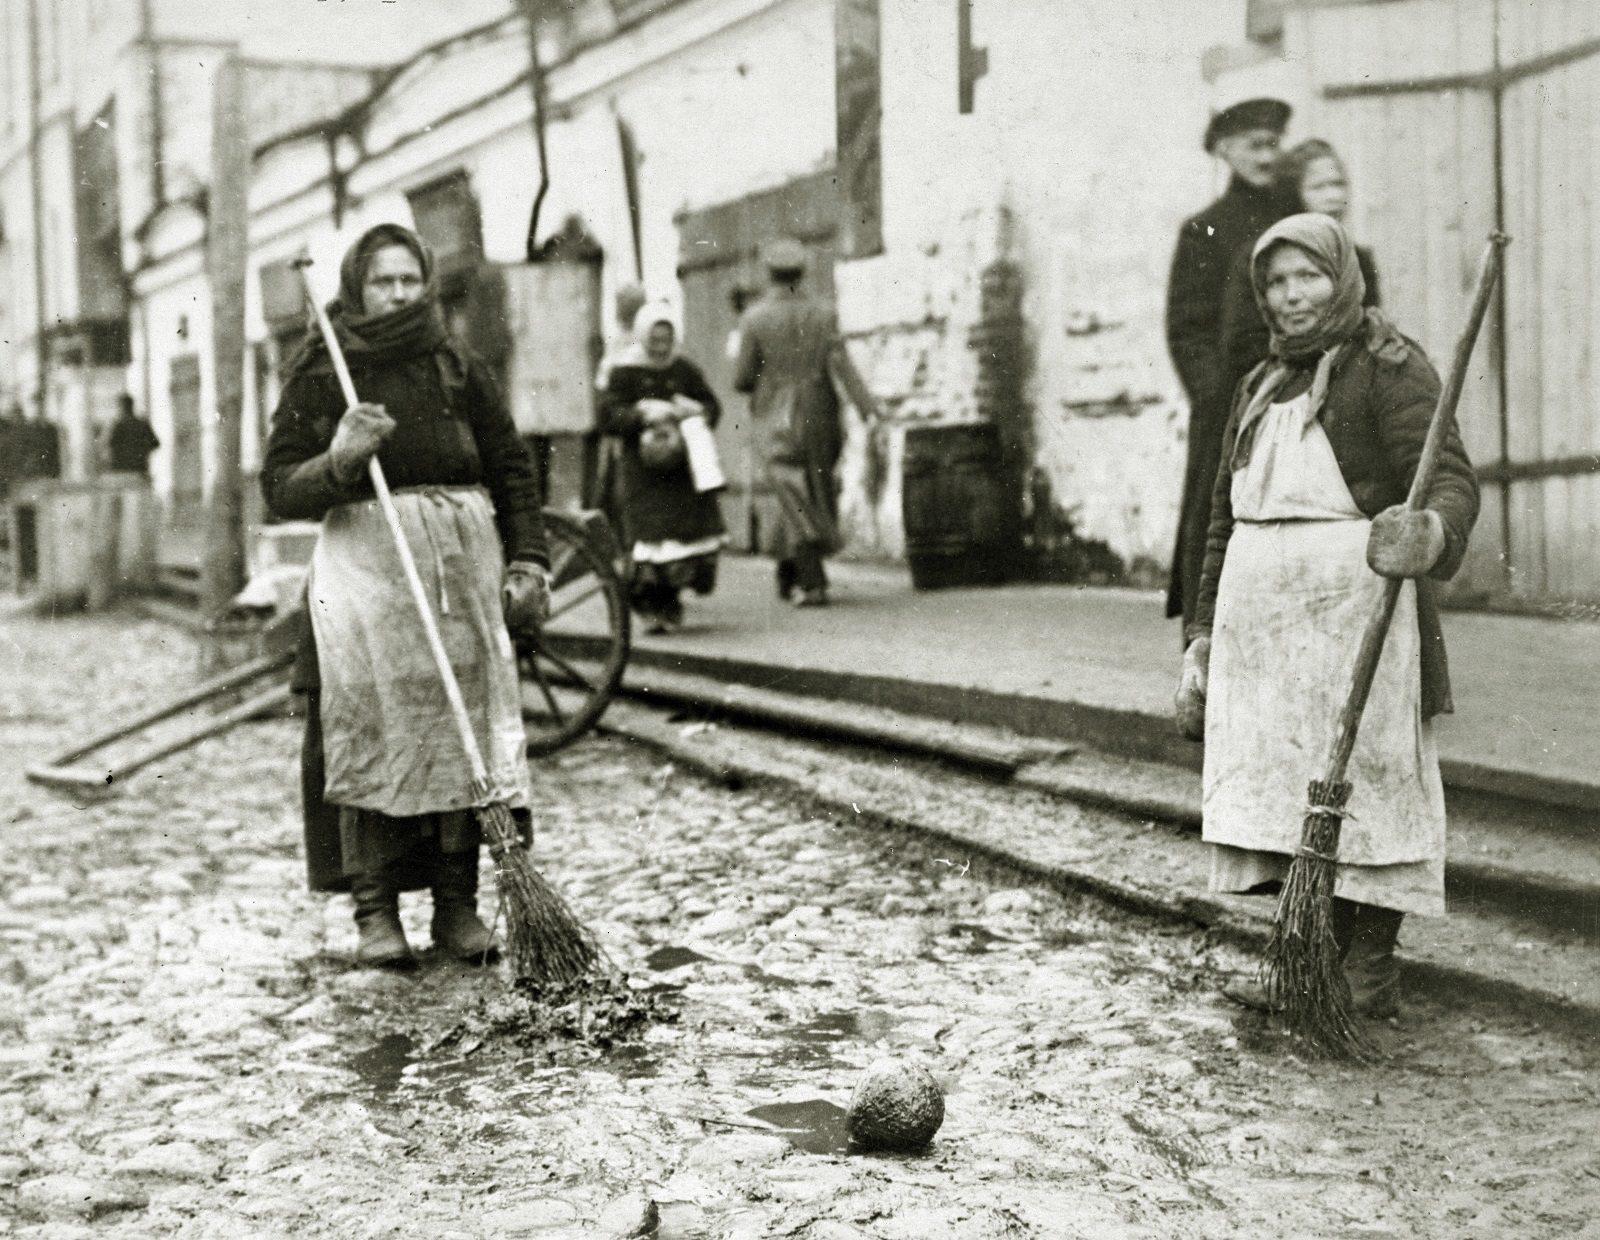 Street cleanup. Arkhangelsk (Archangel) during revolution and civil war 1918-1919